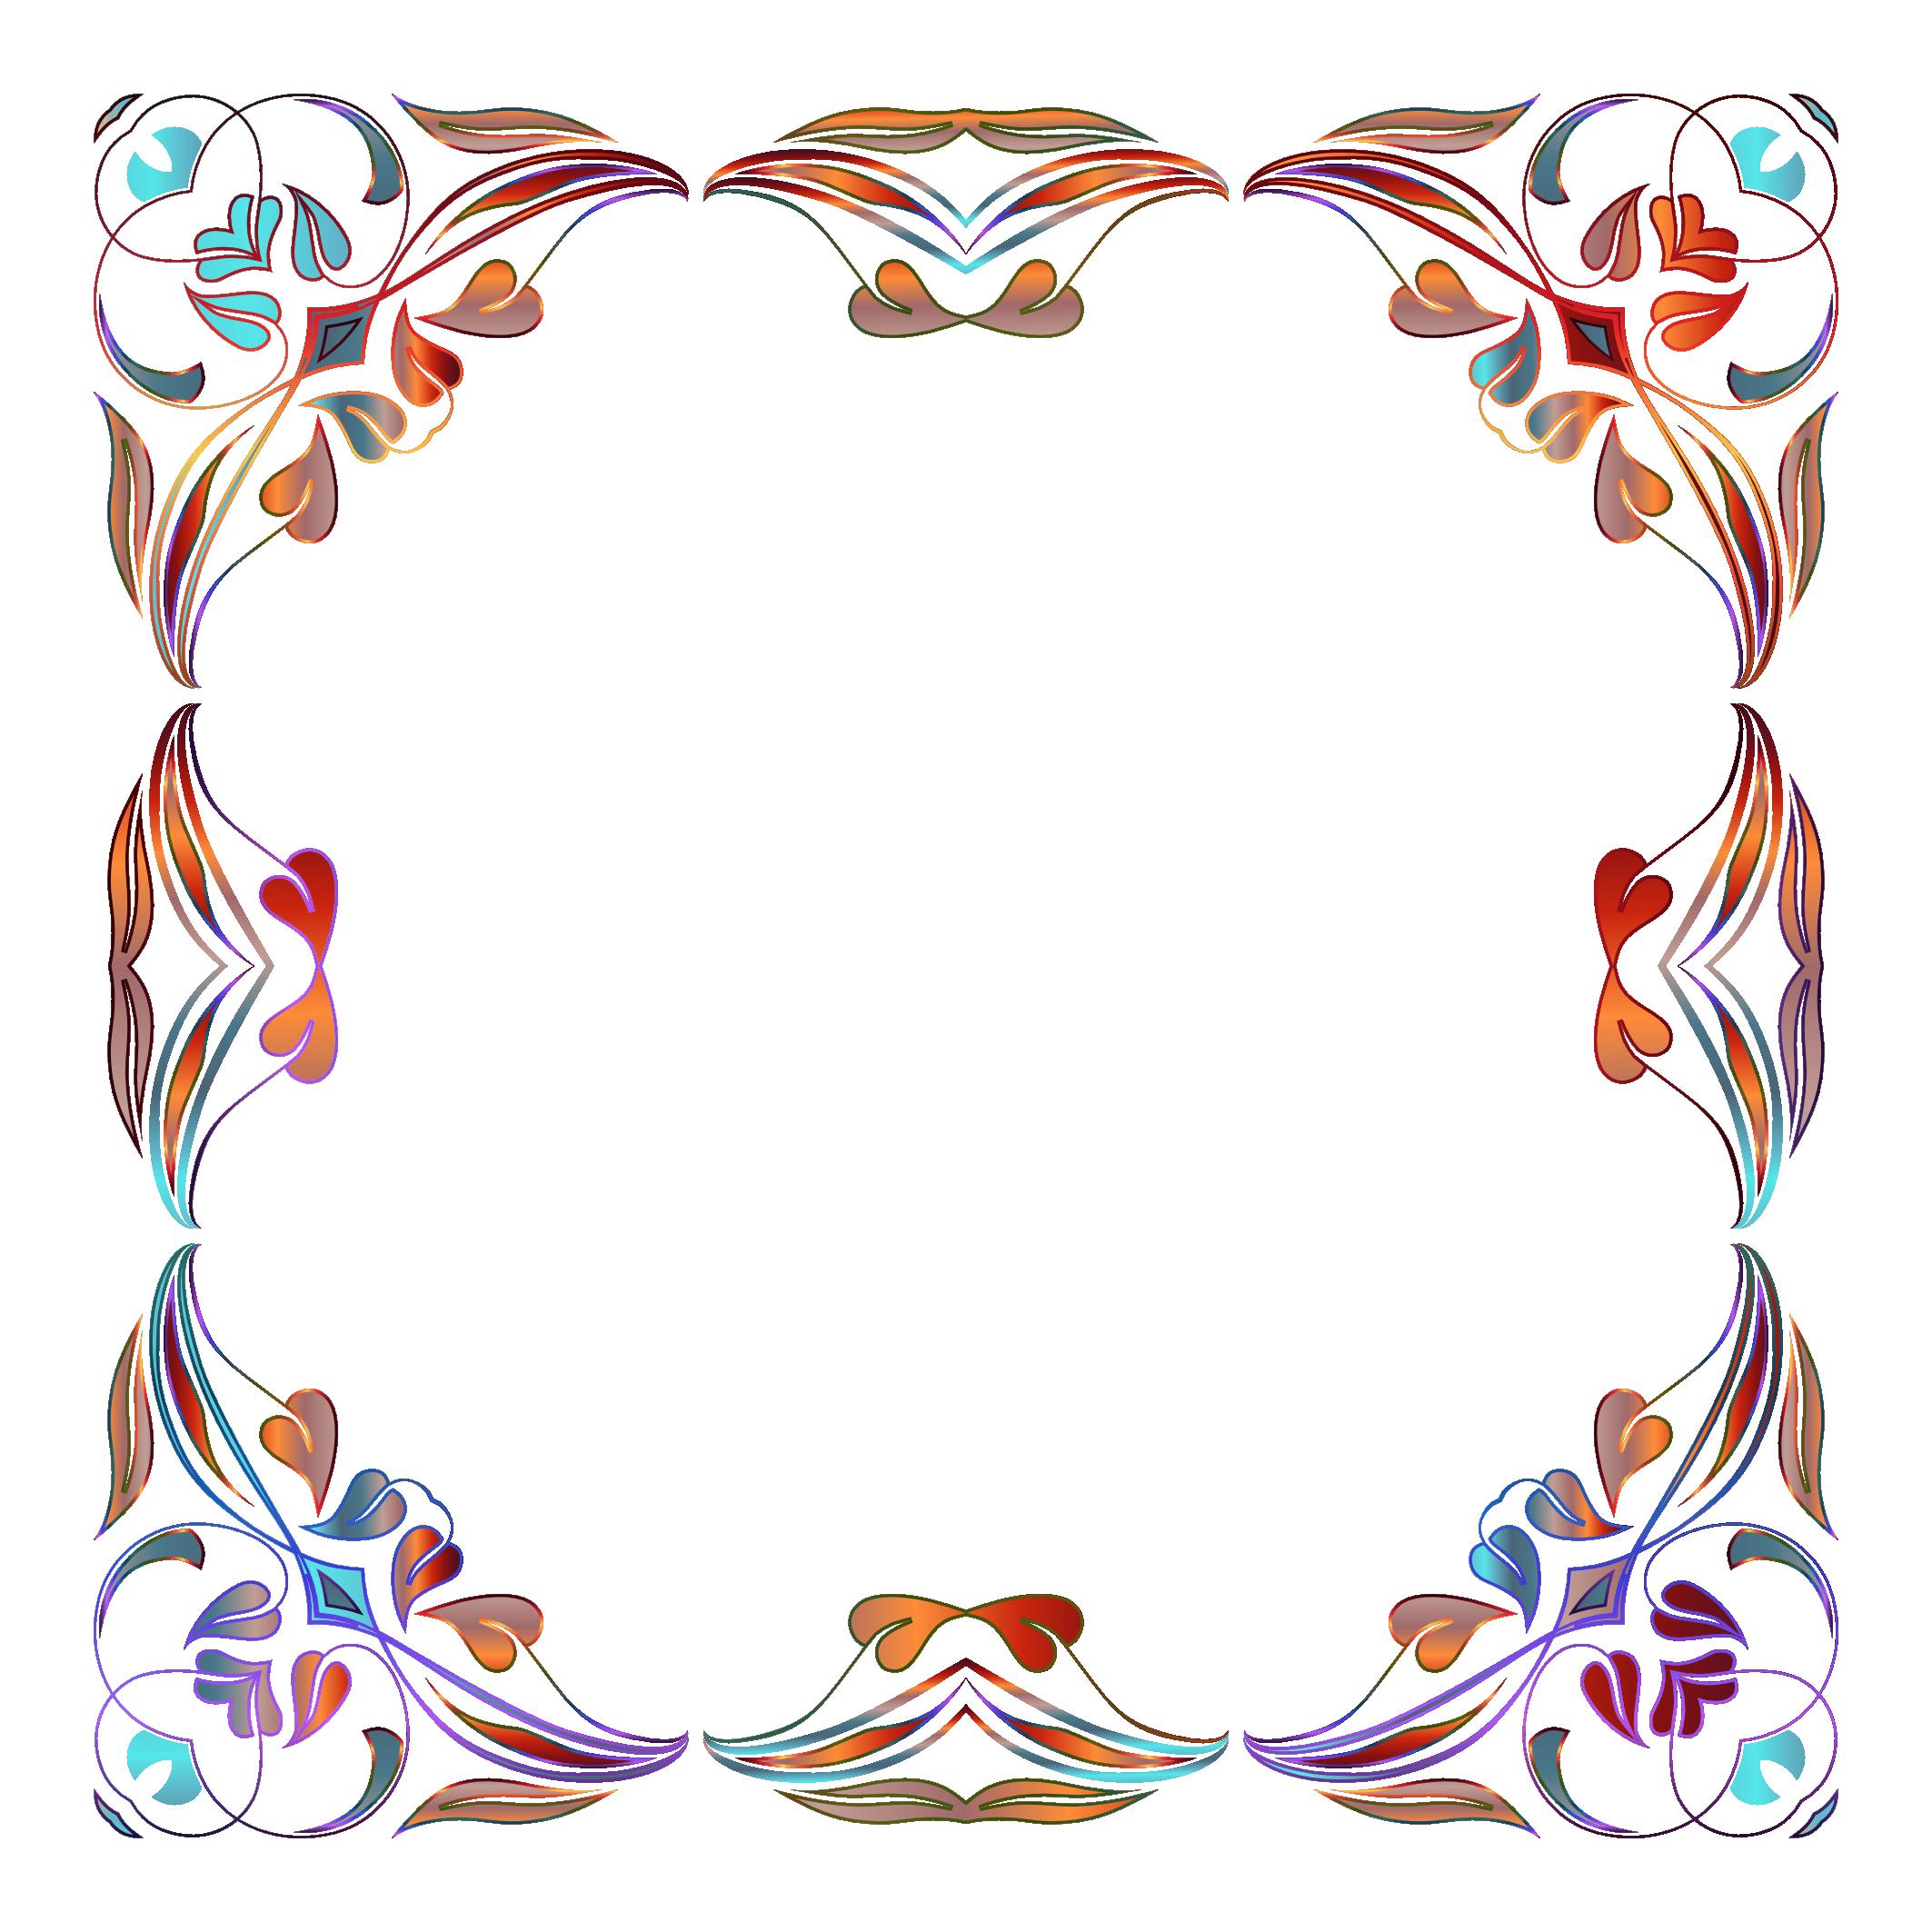 Border images png. Floral image pngpix